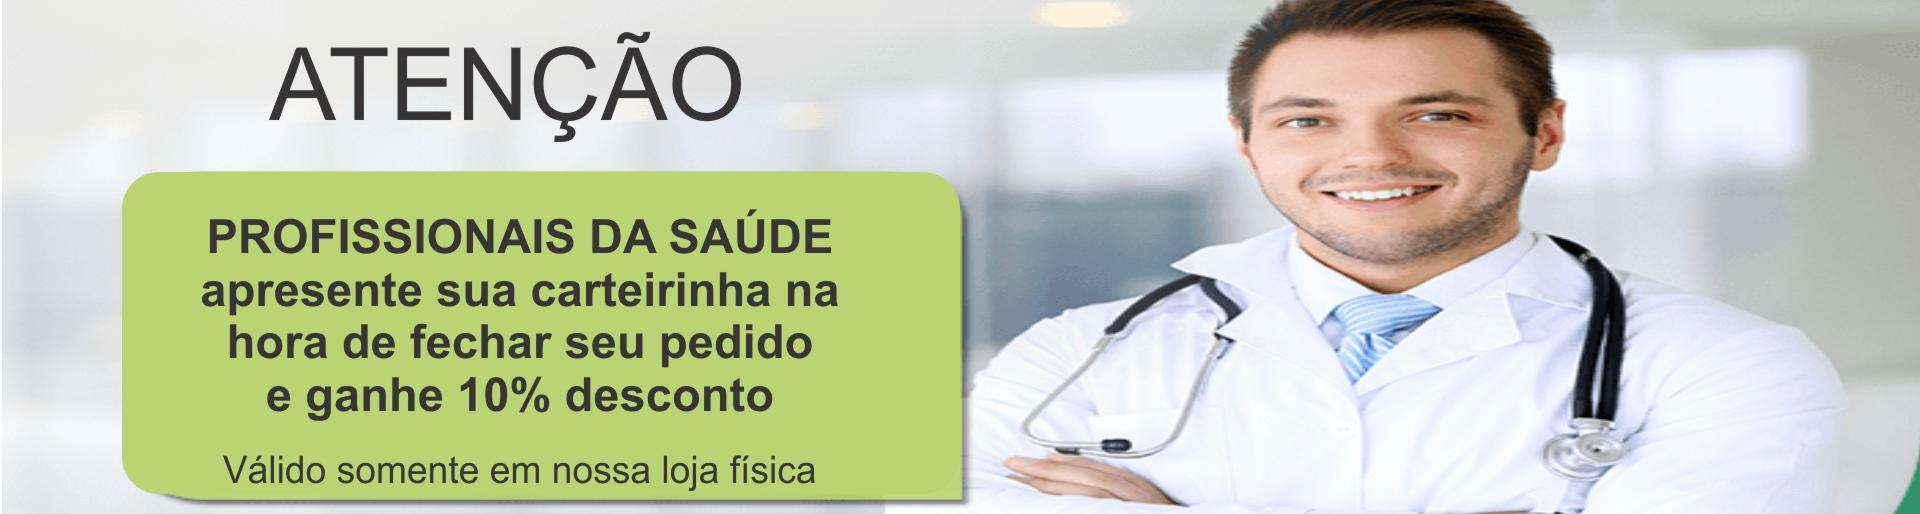 Banner Profissionais da Saúde